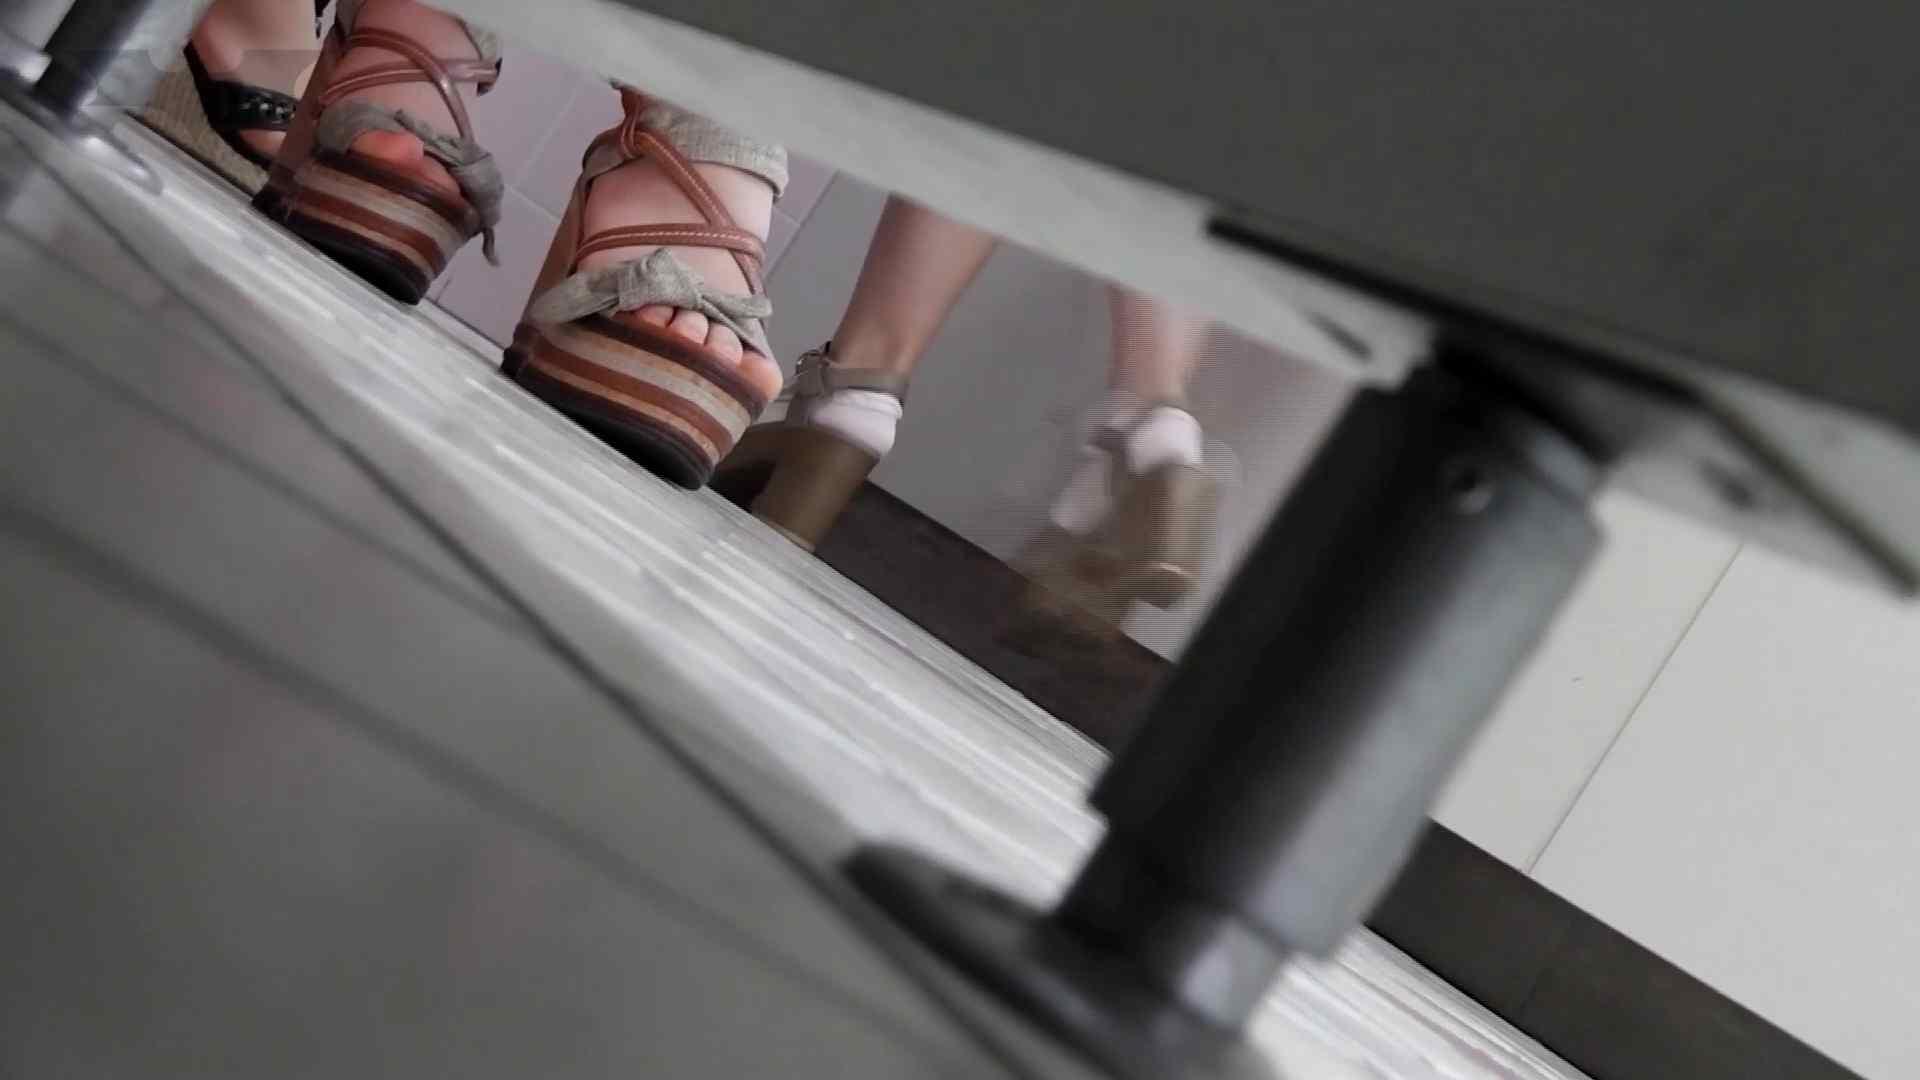 美しい日本の未来 No.36 進歩3連続作戦【2015・28位】 盗撮映像大放出 AV動画キャプチャ 79連発 42